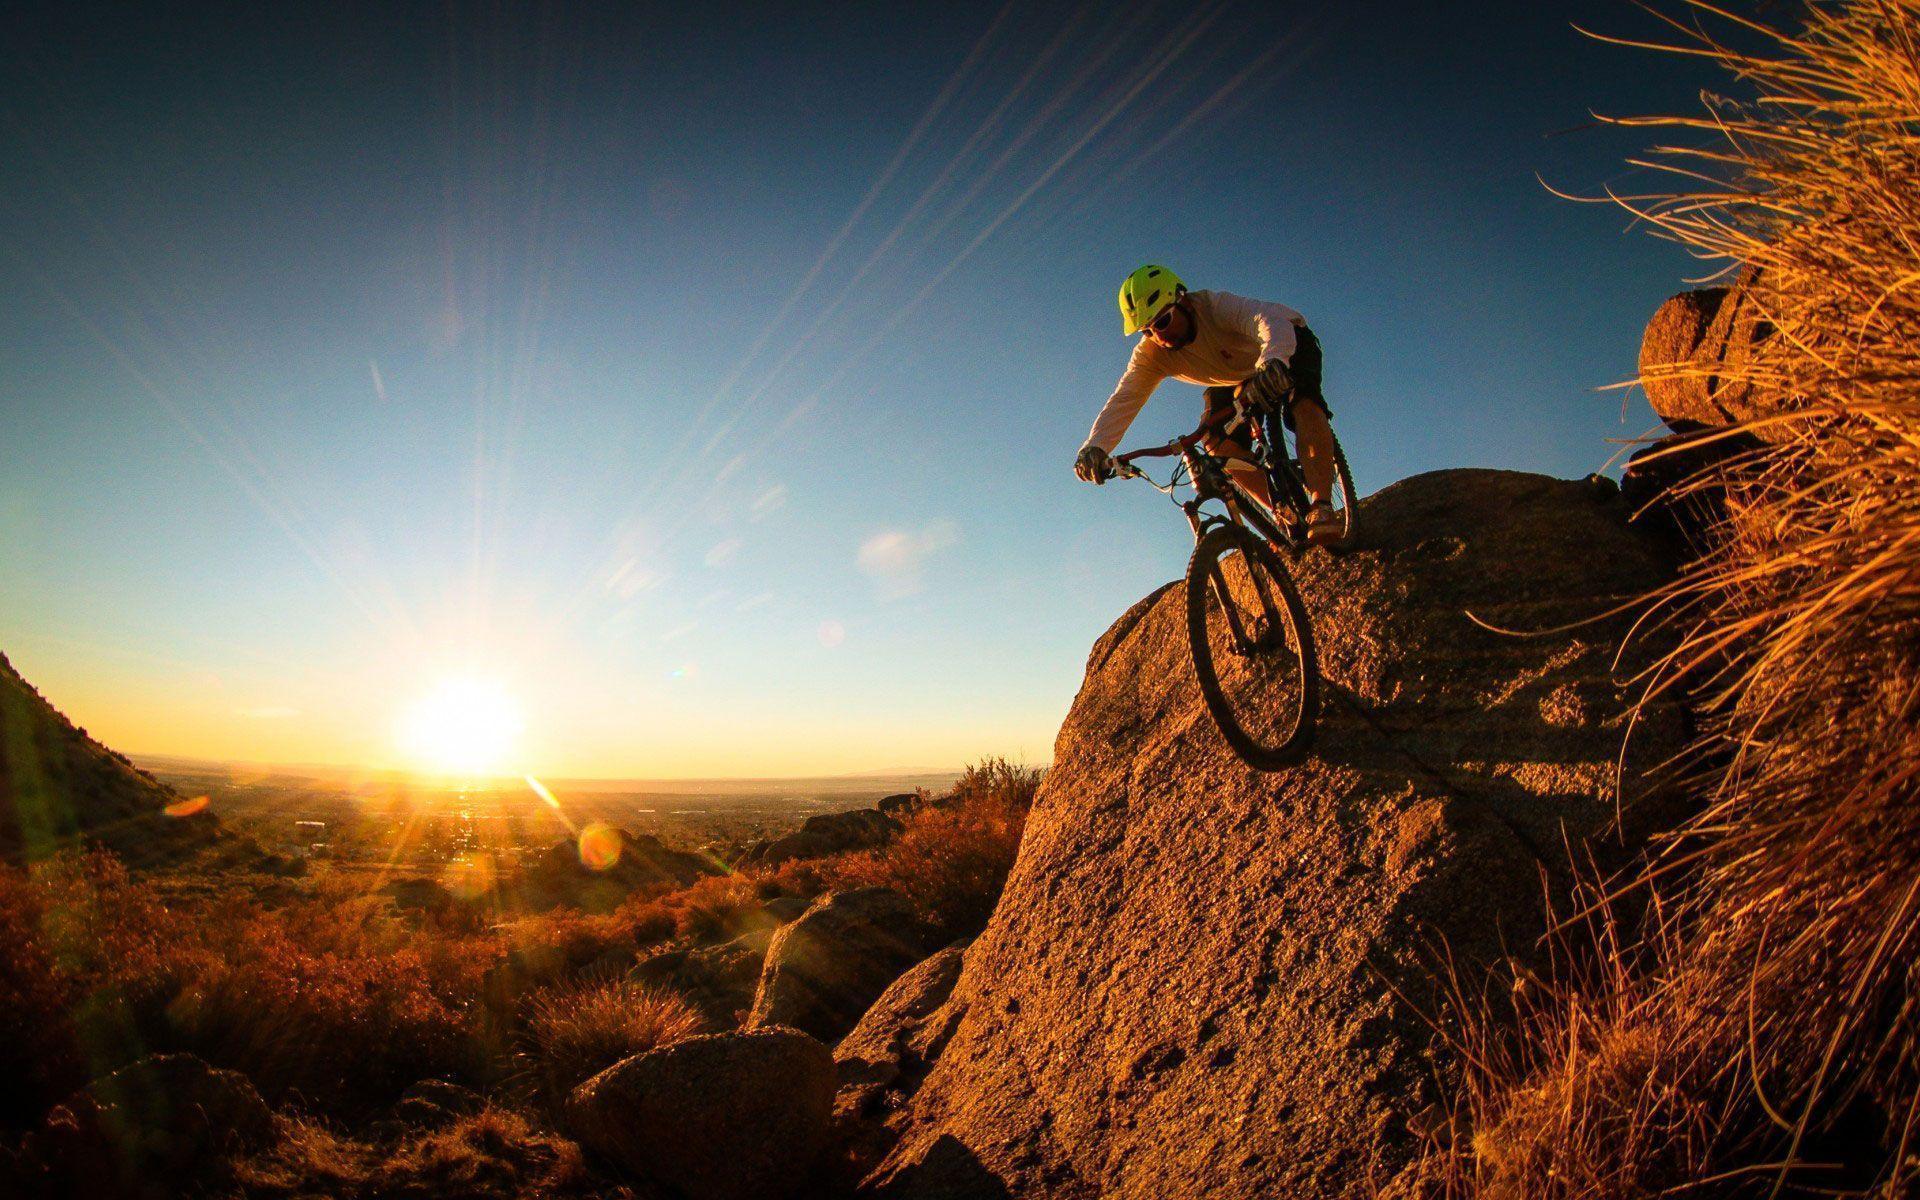 Image result for amazing mountain biking hd wallpaper download mountain biking images free